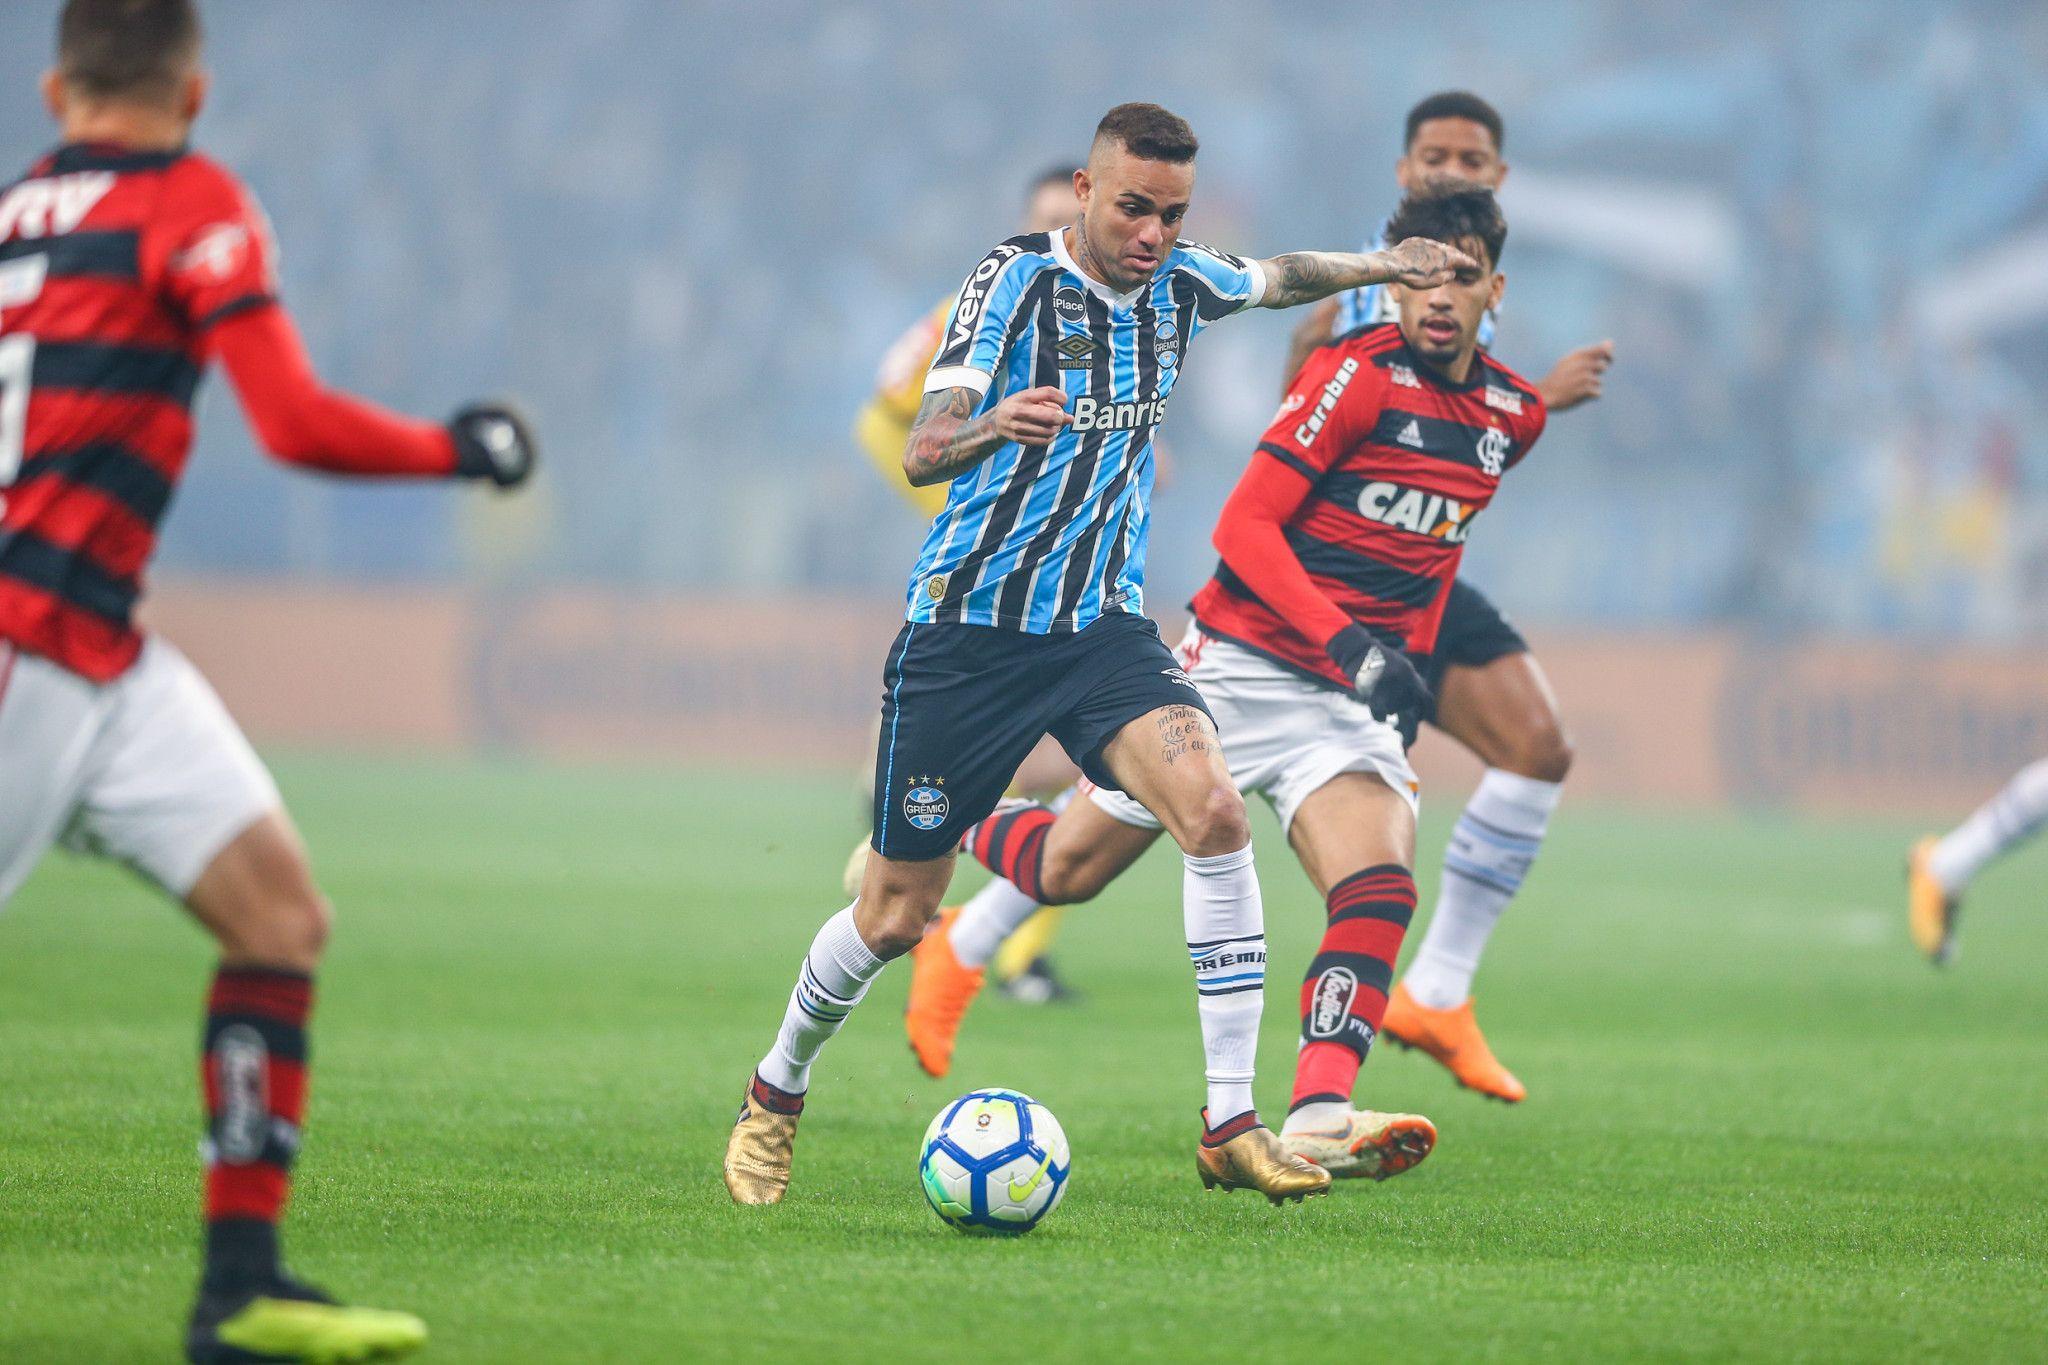 Bom dia, Renato (com os melhores lances do grande jogo Grêmio 1 x 1 Flamengo de ontem à noite)